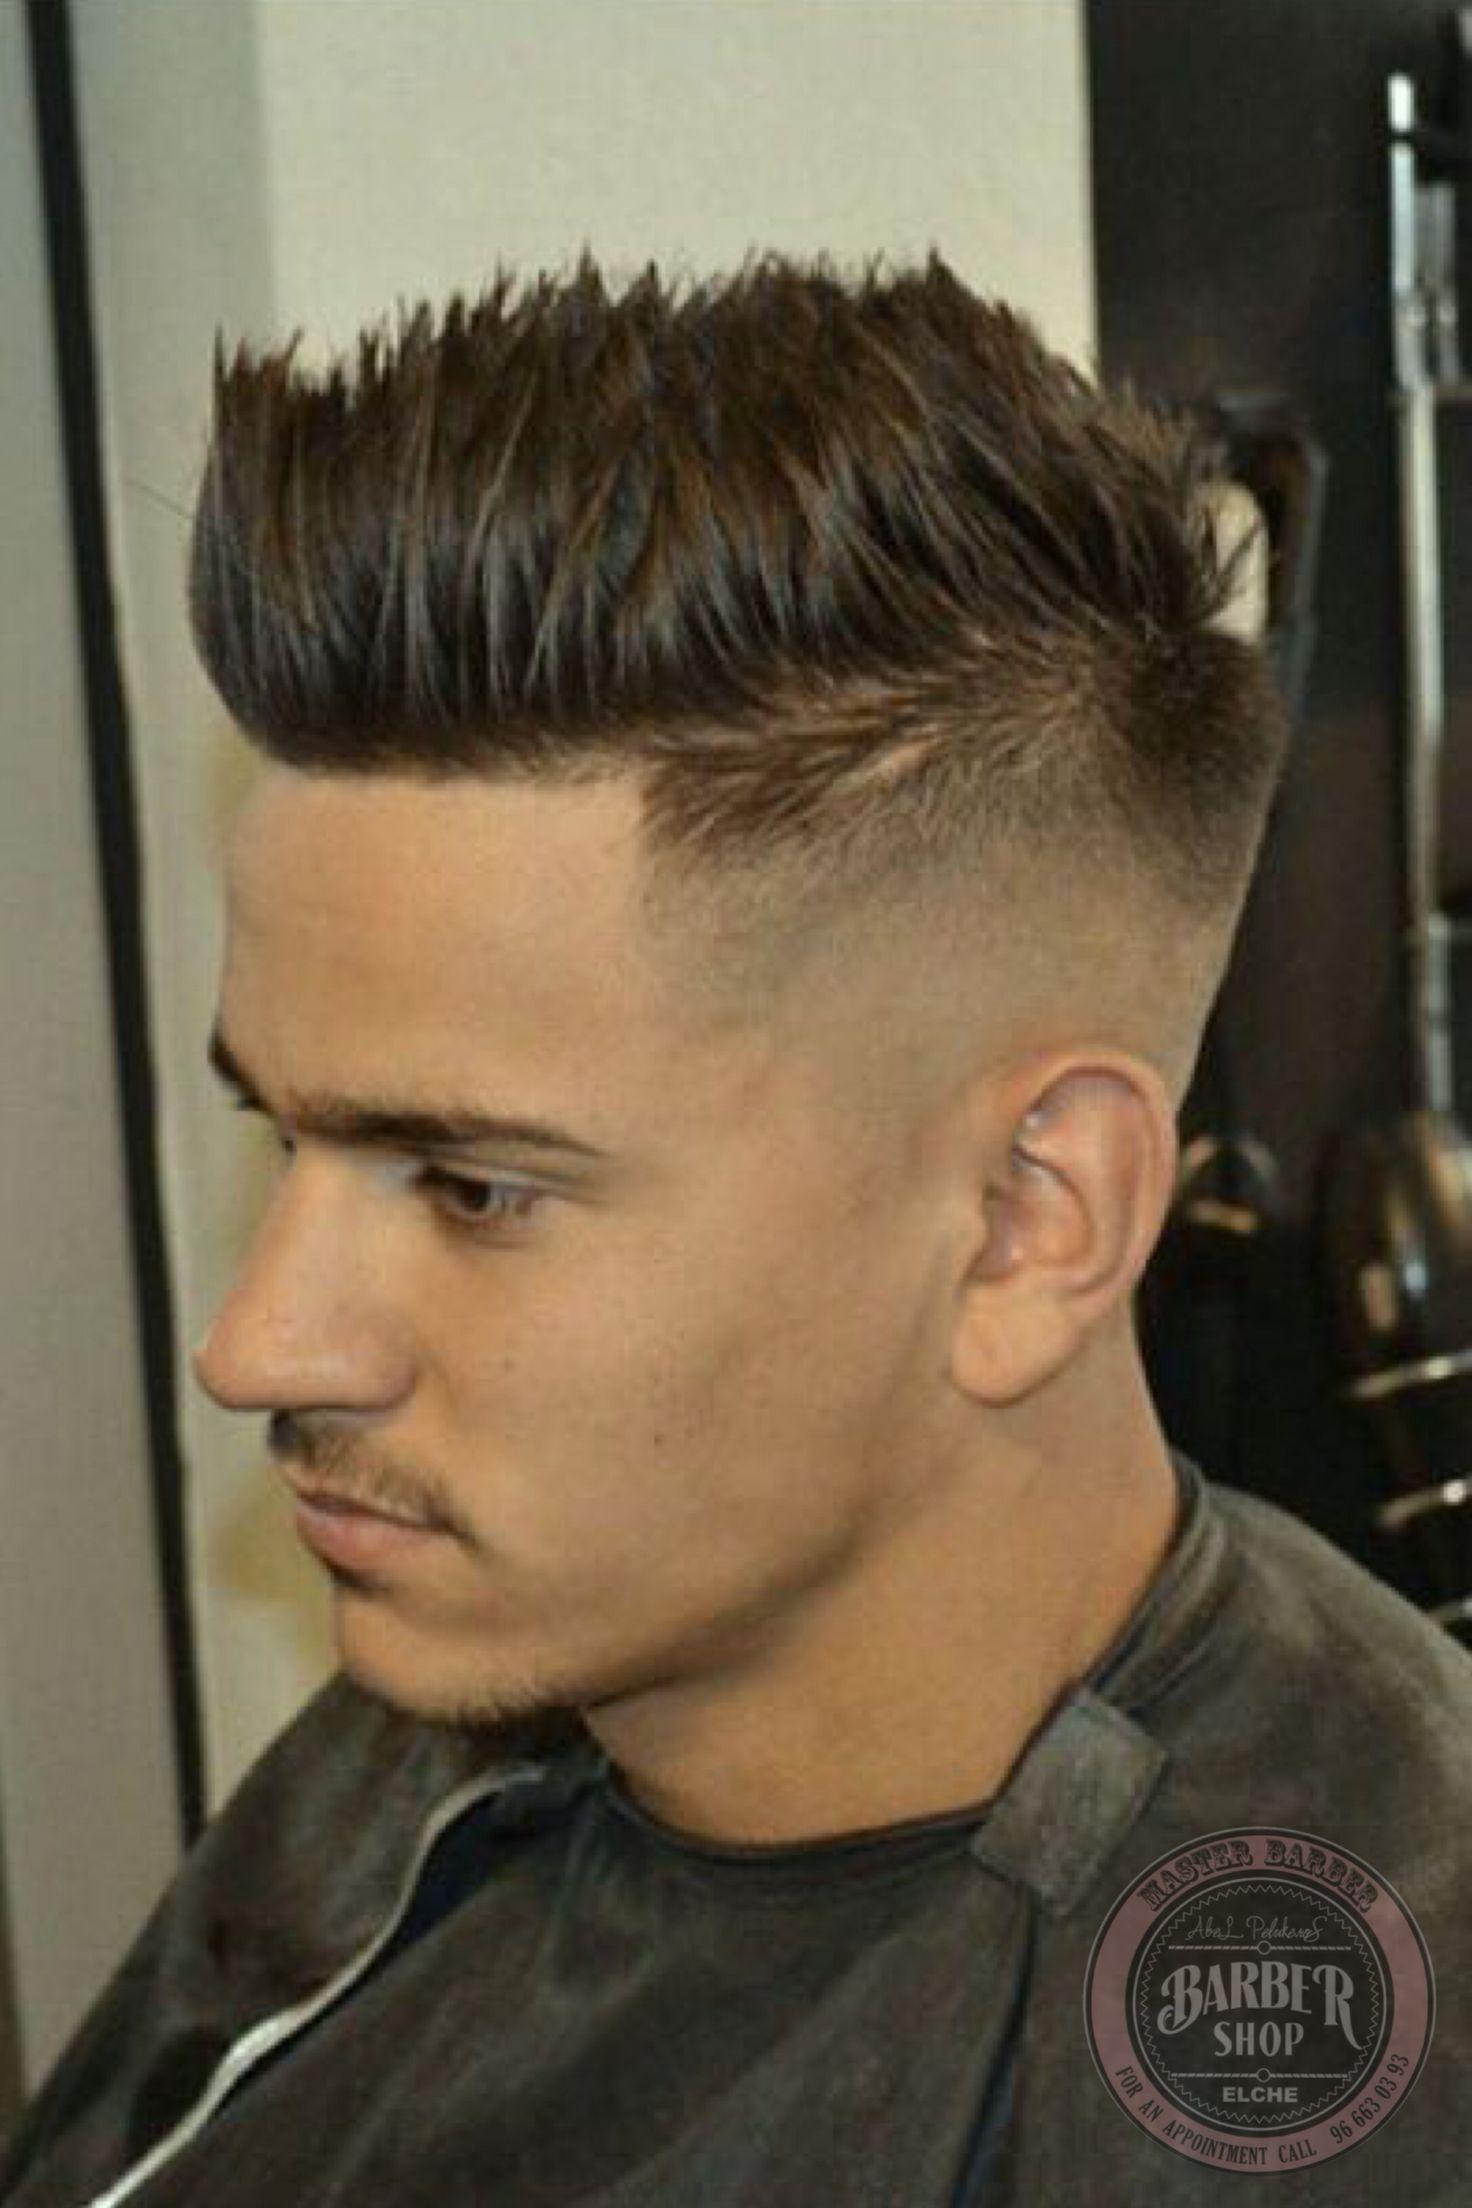 Corte de pelo barber shop